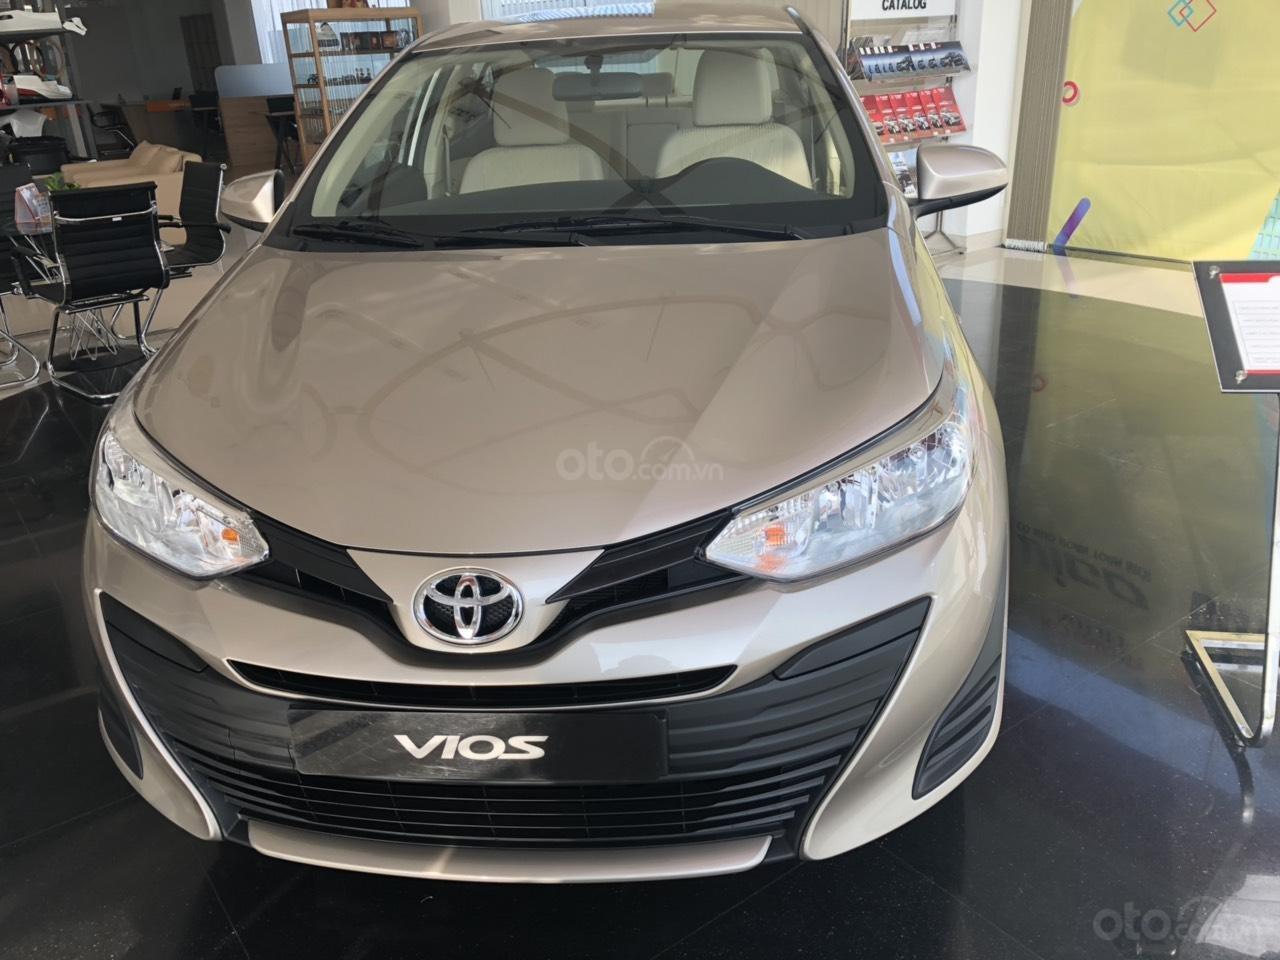 Toyota Vios 1.5E số sàn, màu nâu vàng, hỗ trợ vay 90%, đăng ký grab, thanh toán 130tr nhận xe - Toyota An Thành-1